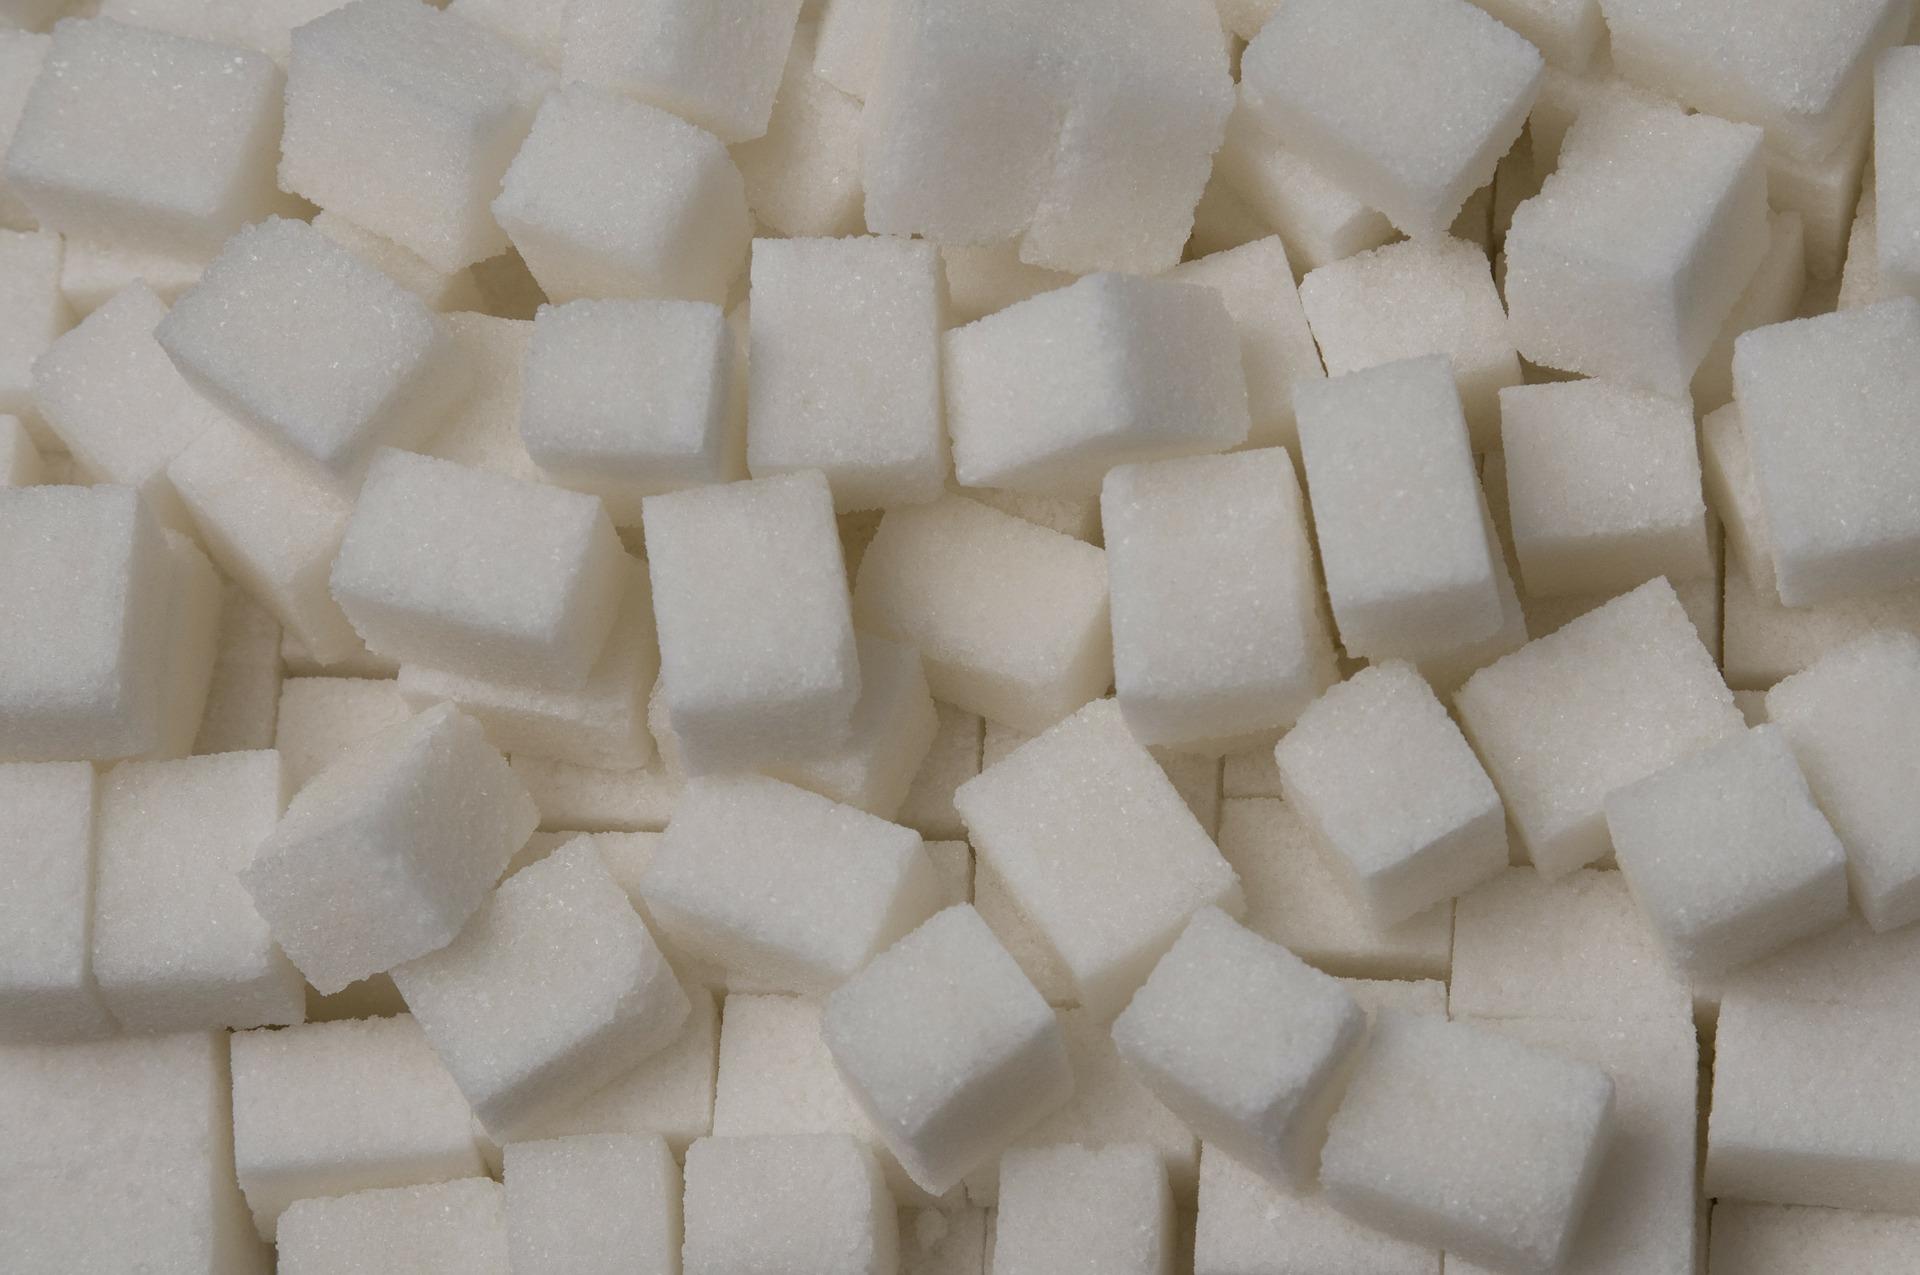 З початку сезону в Україні виготовлено 38,8 тис. тонн цукру